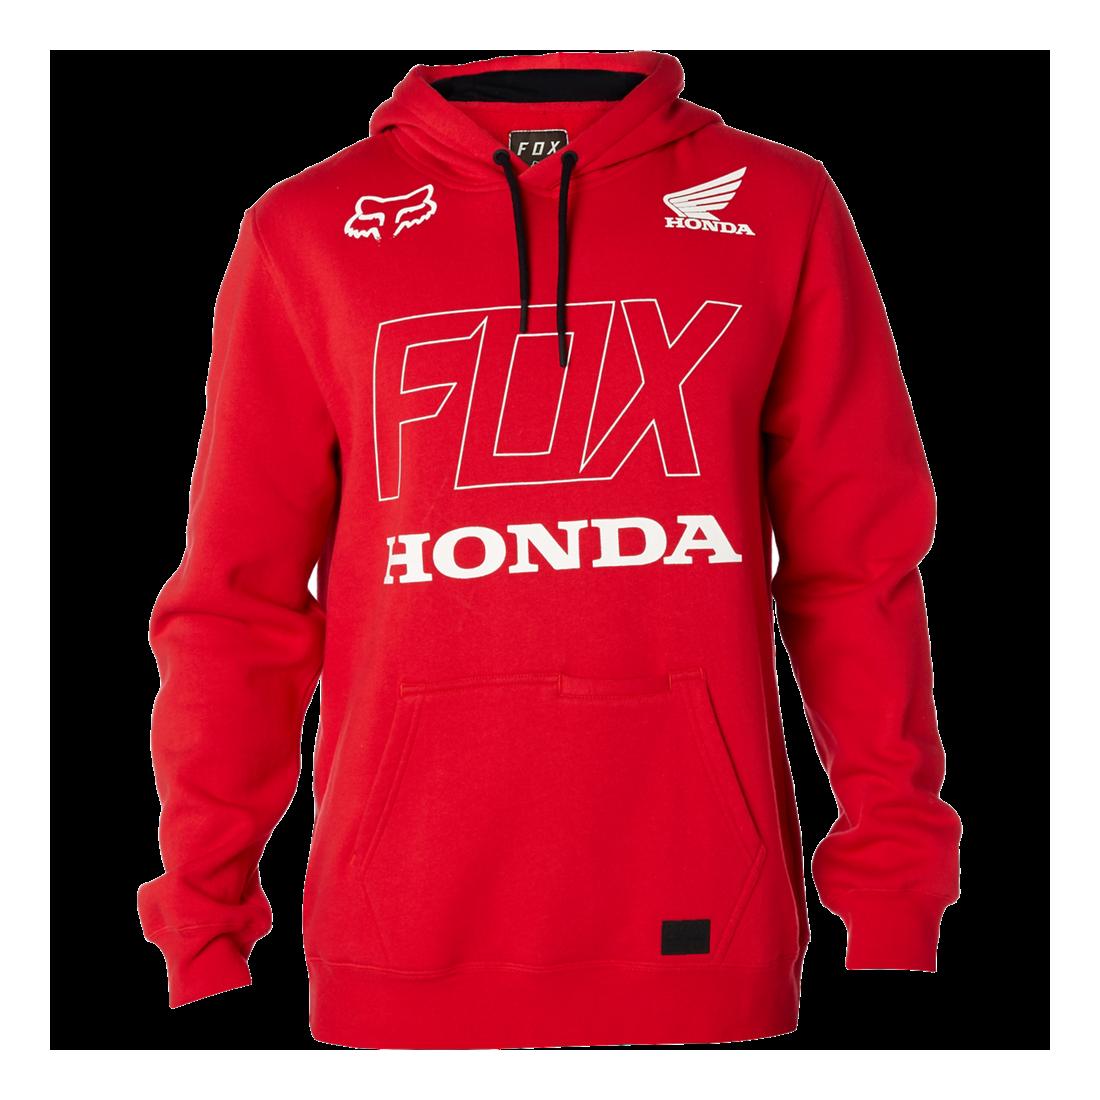 SWEAT FOX HONDA red